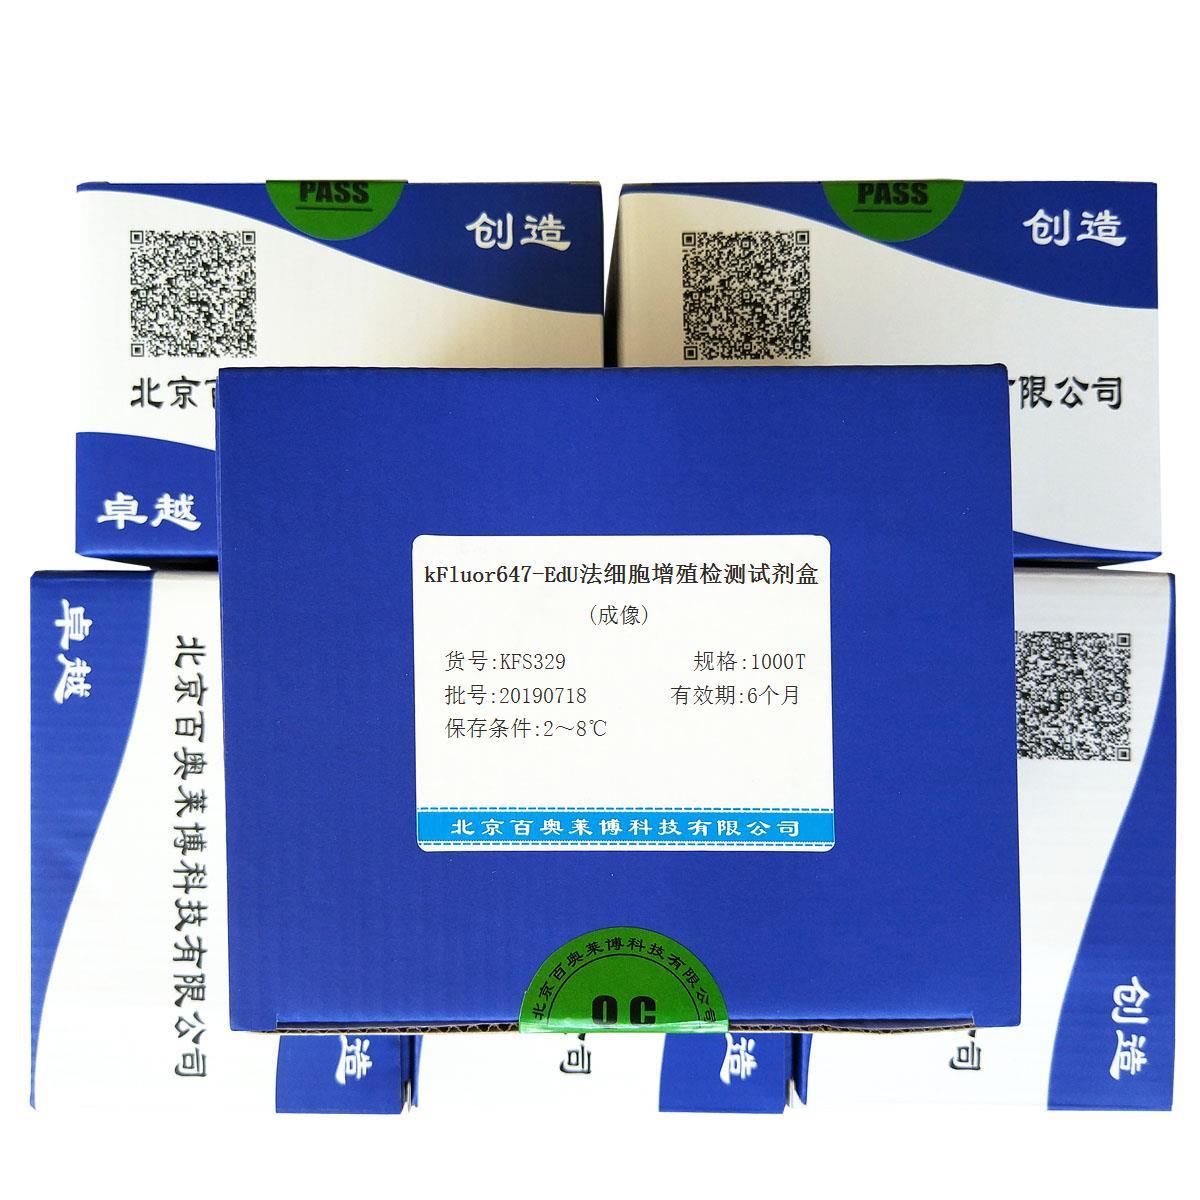 kFluor647-EdU法细胞增殖检测试剂盒(成像)